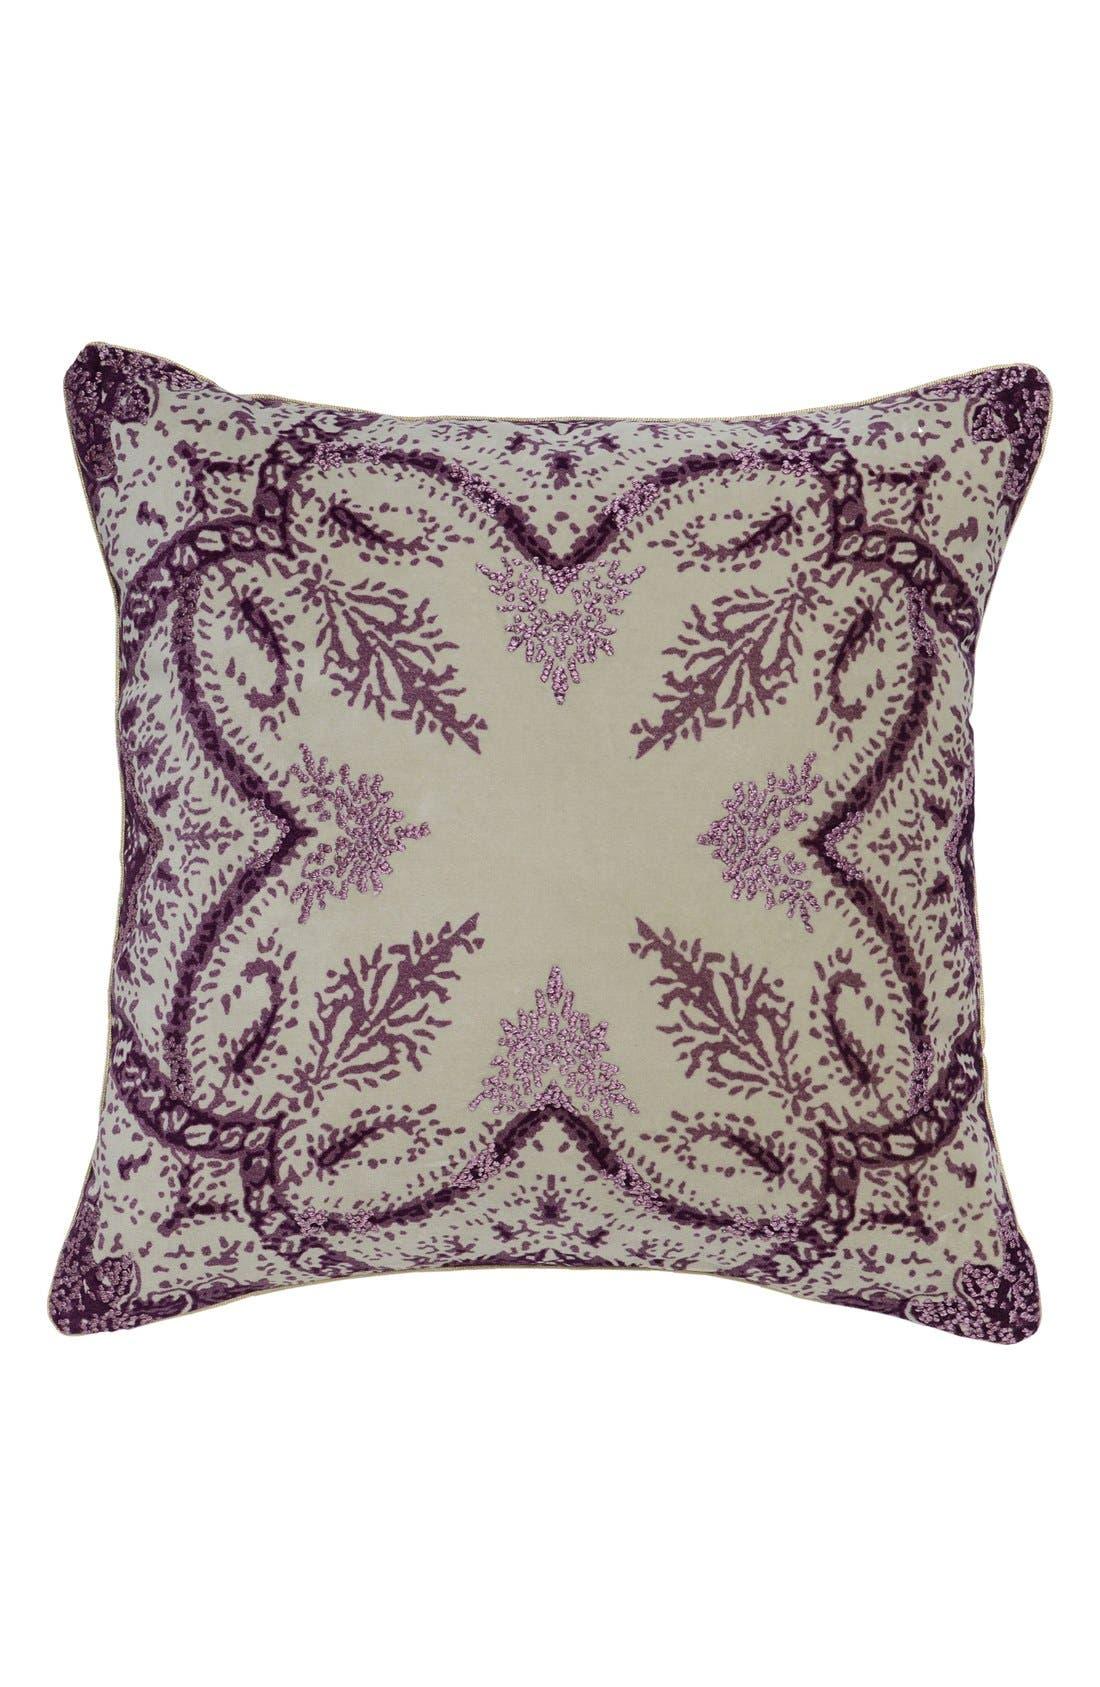 Villa Home Collection 'Precious' Decorative Pillow